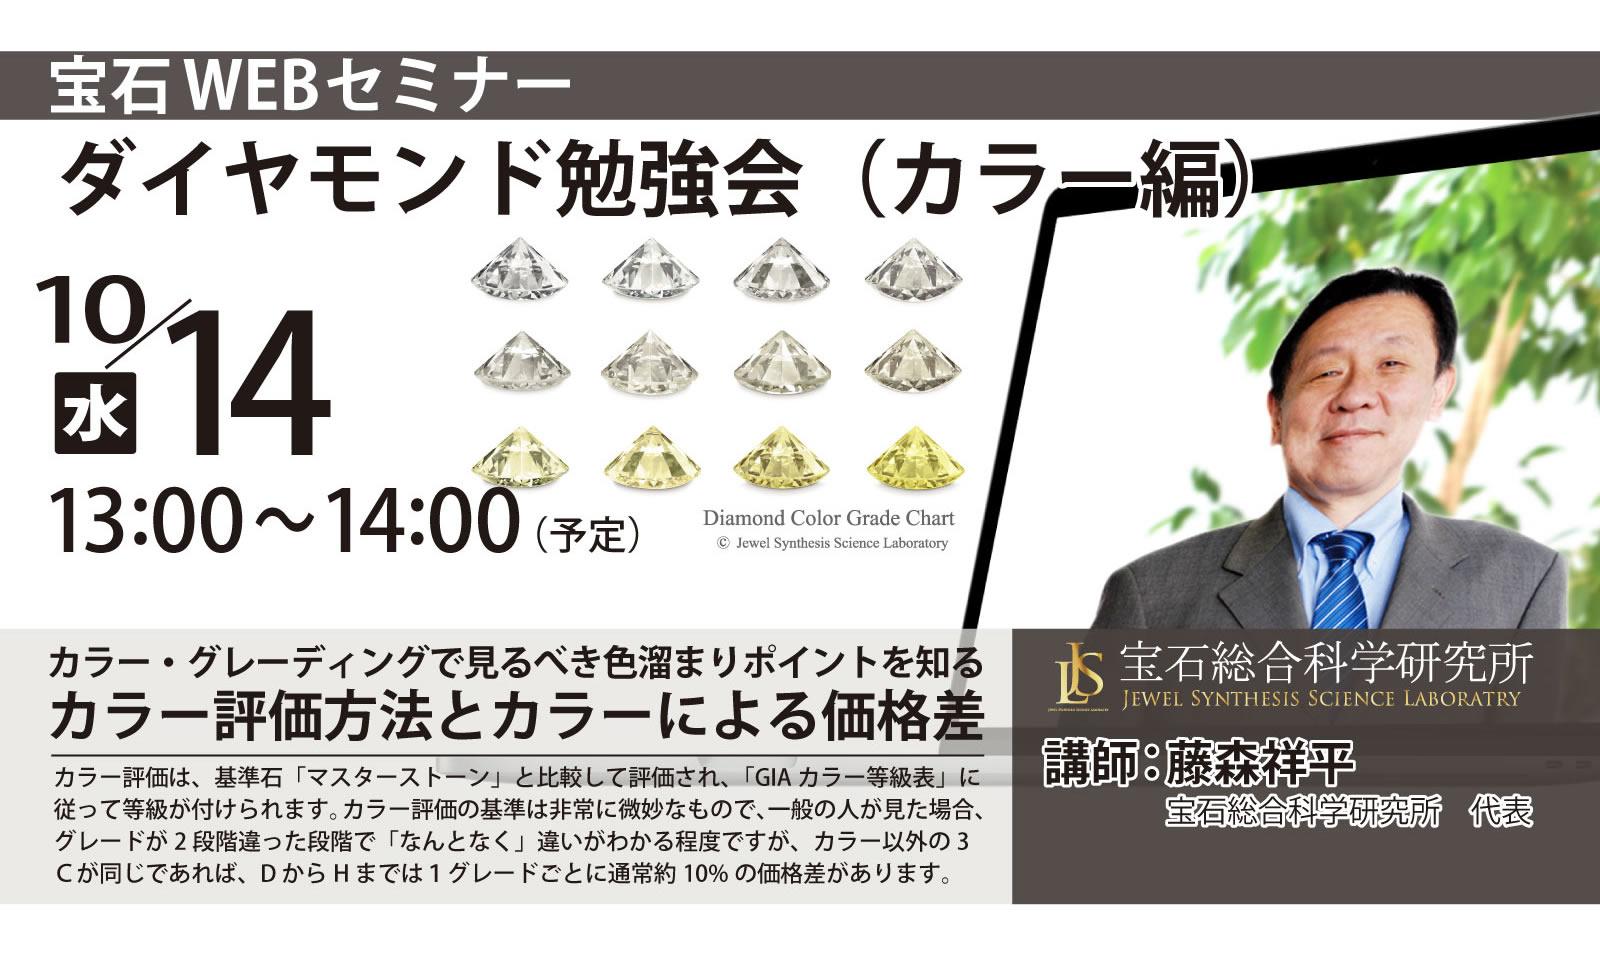 ダイヤモンド(カラー編)